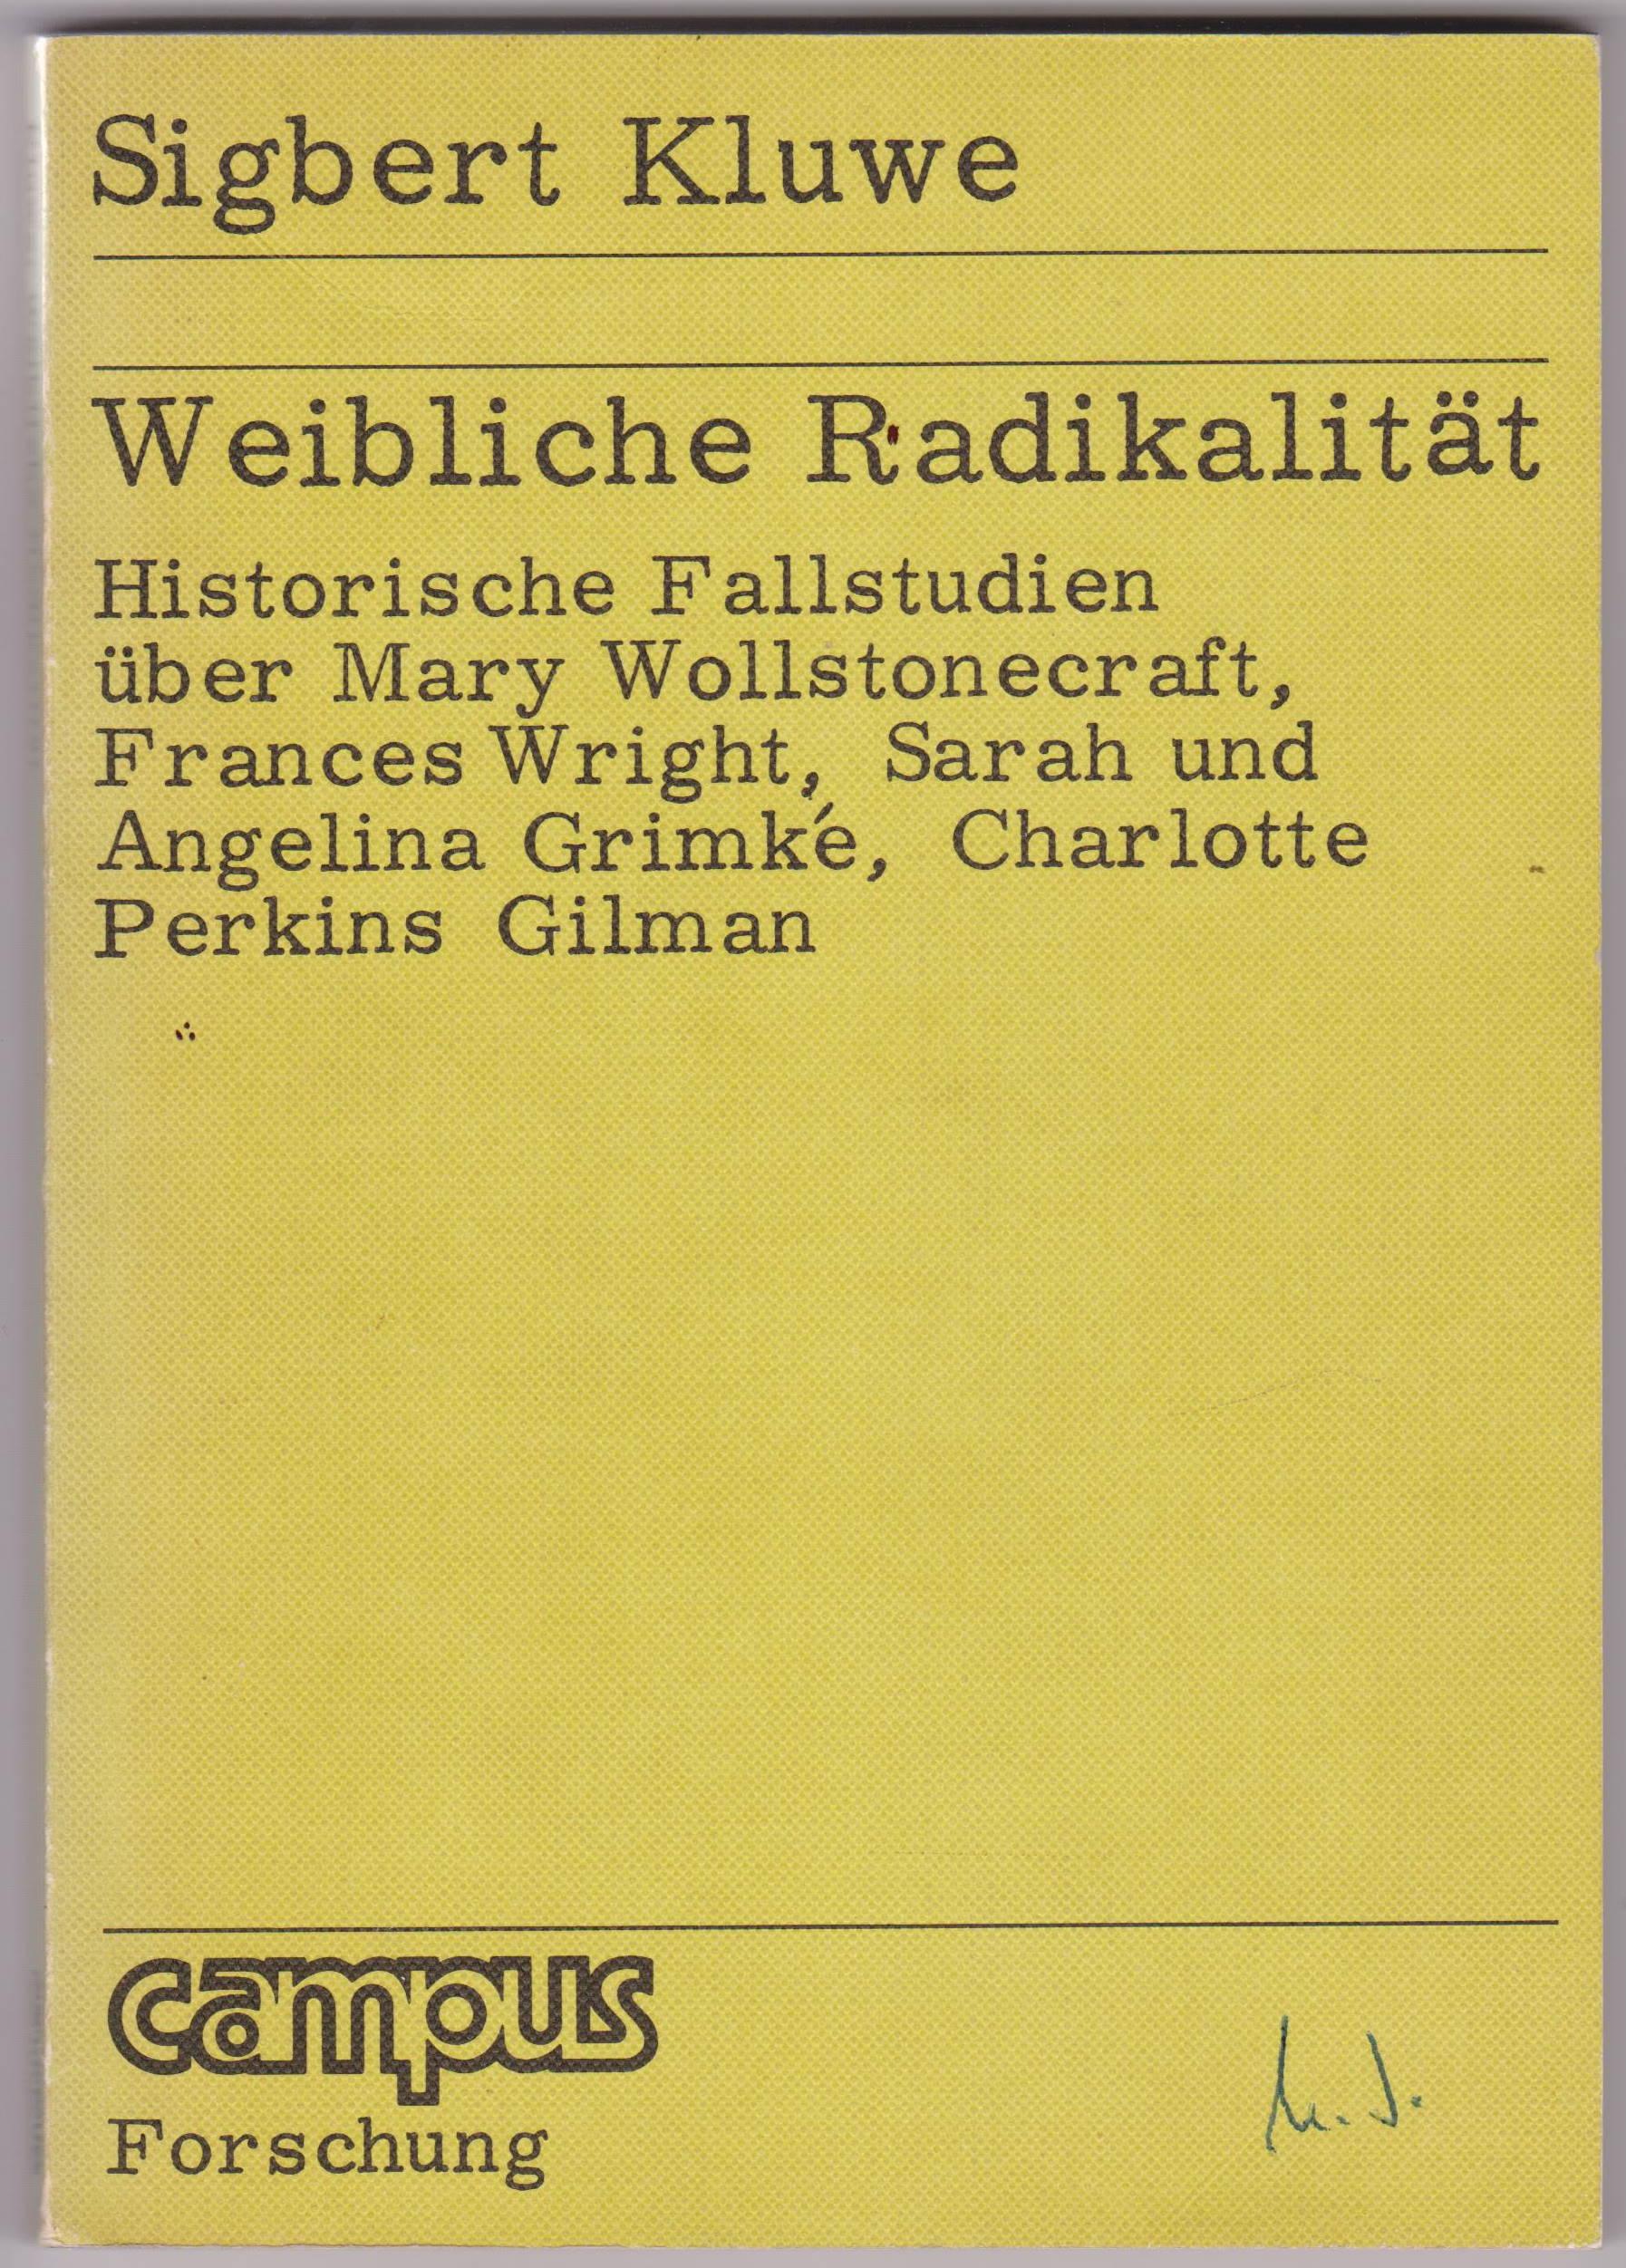 Weibliche Radikalität. Historische Fallstudien über Mary Wollstonecraft, Frances Wright, Sarah und Angelina Grimké, Charlotte Perkins Gilman. - KLUWE, Sigbert